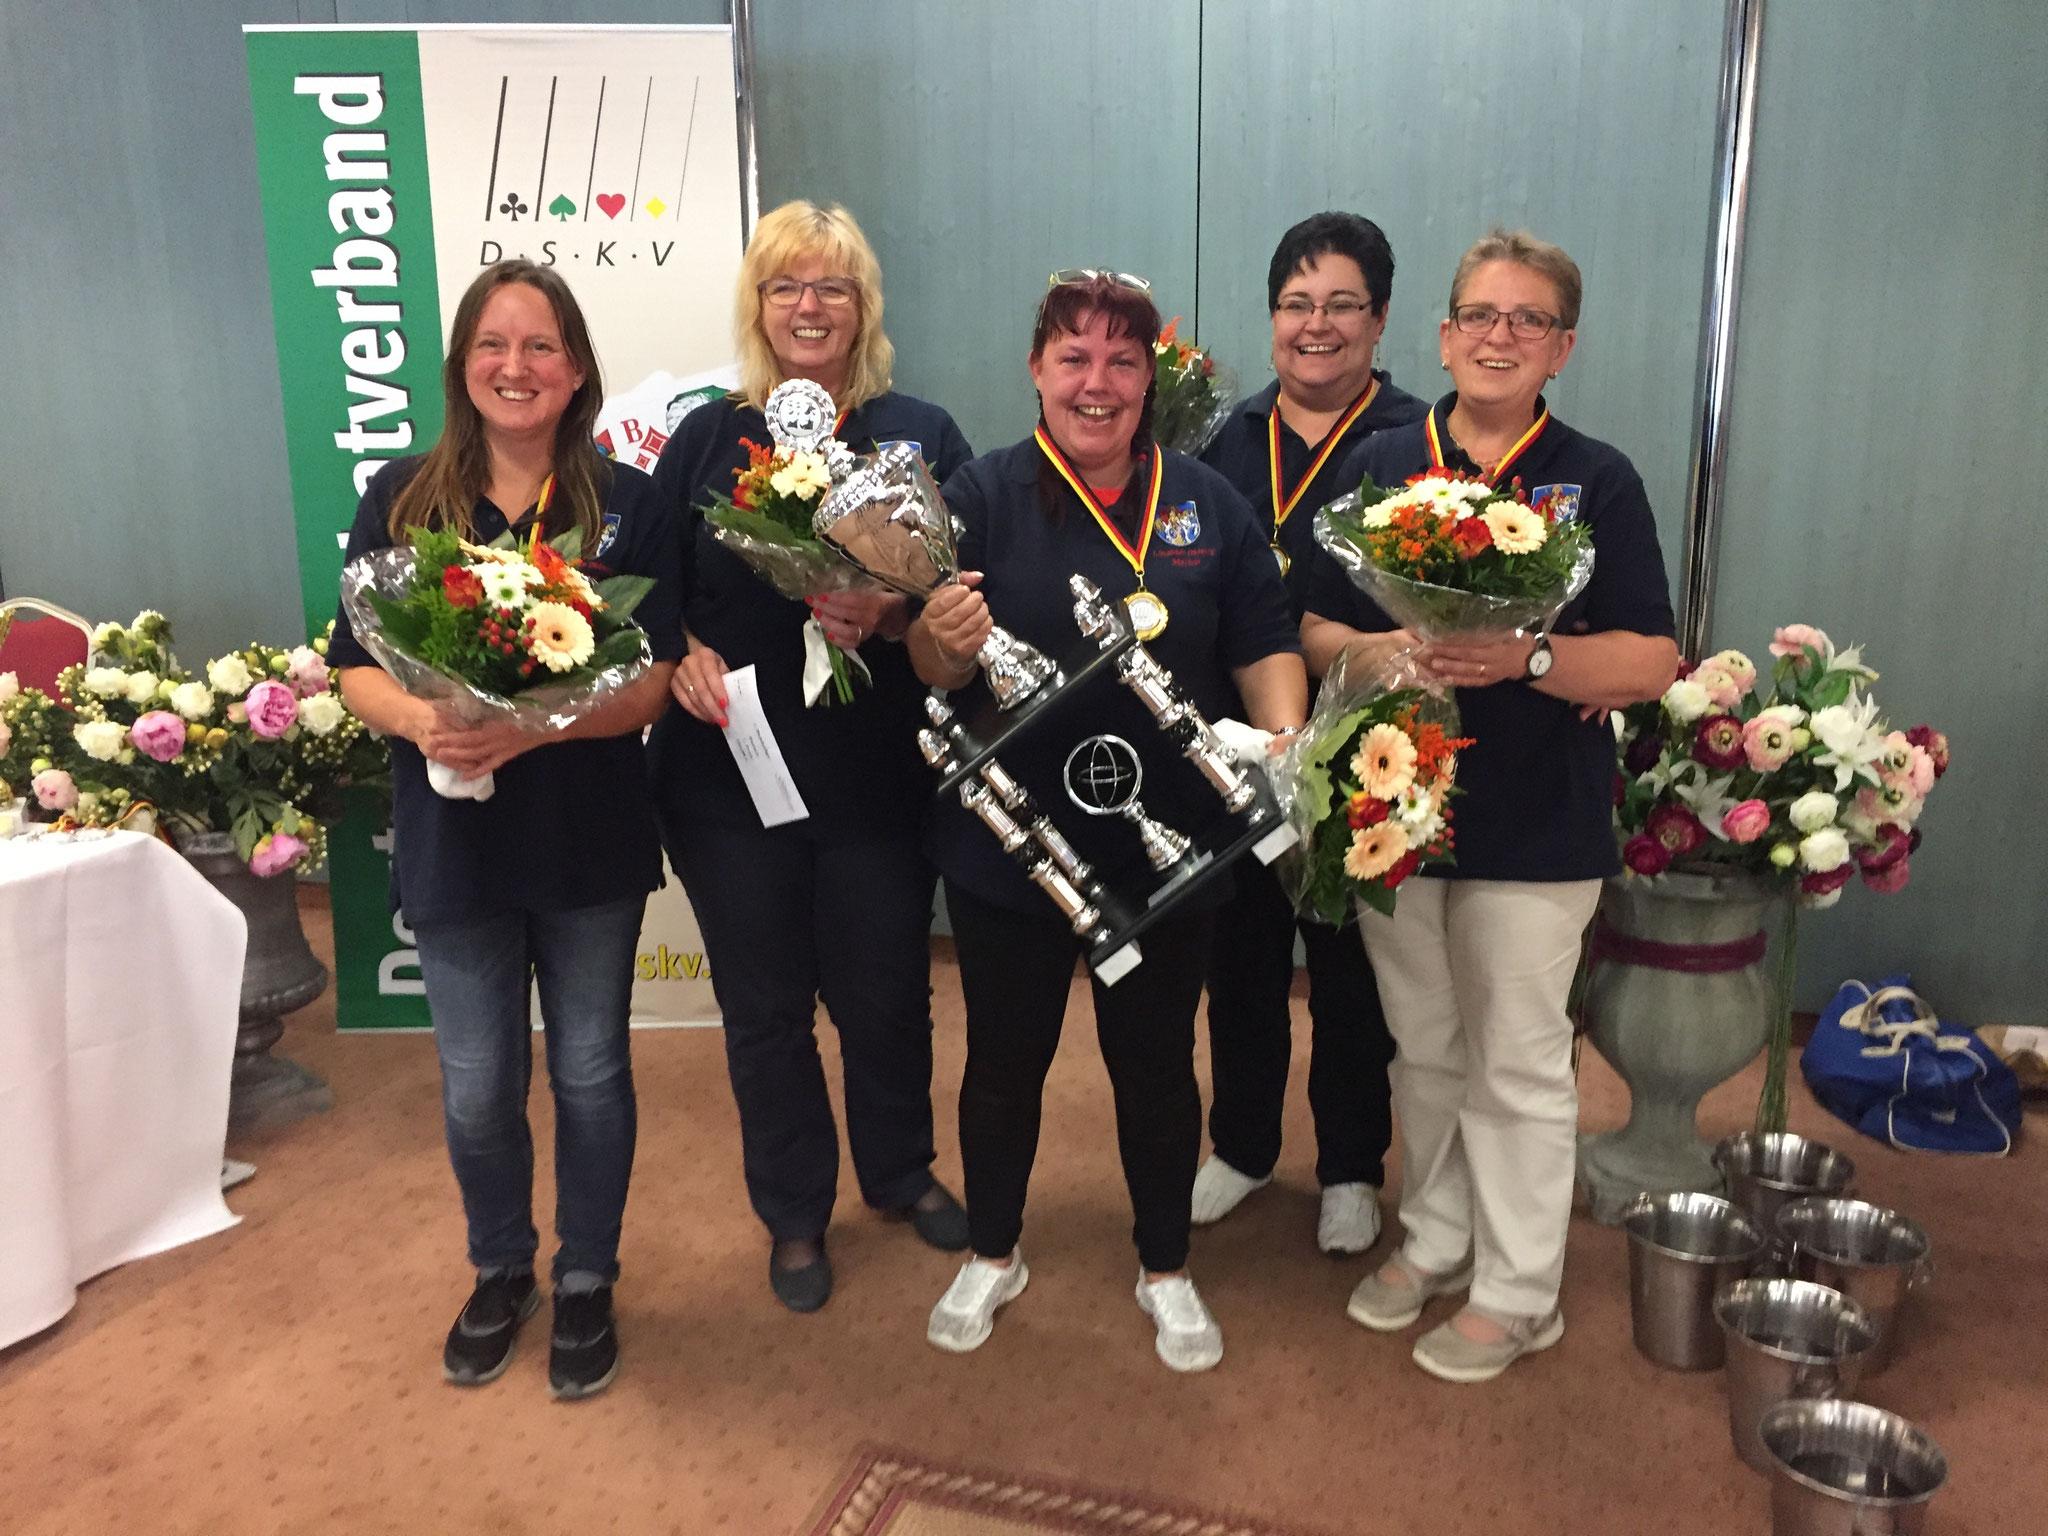 2017 - Webseite des 1. Skat club Dieburg